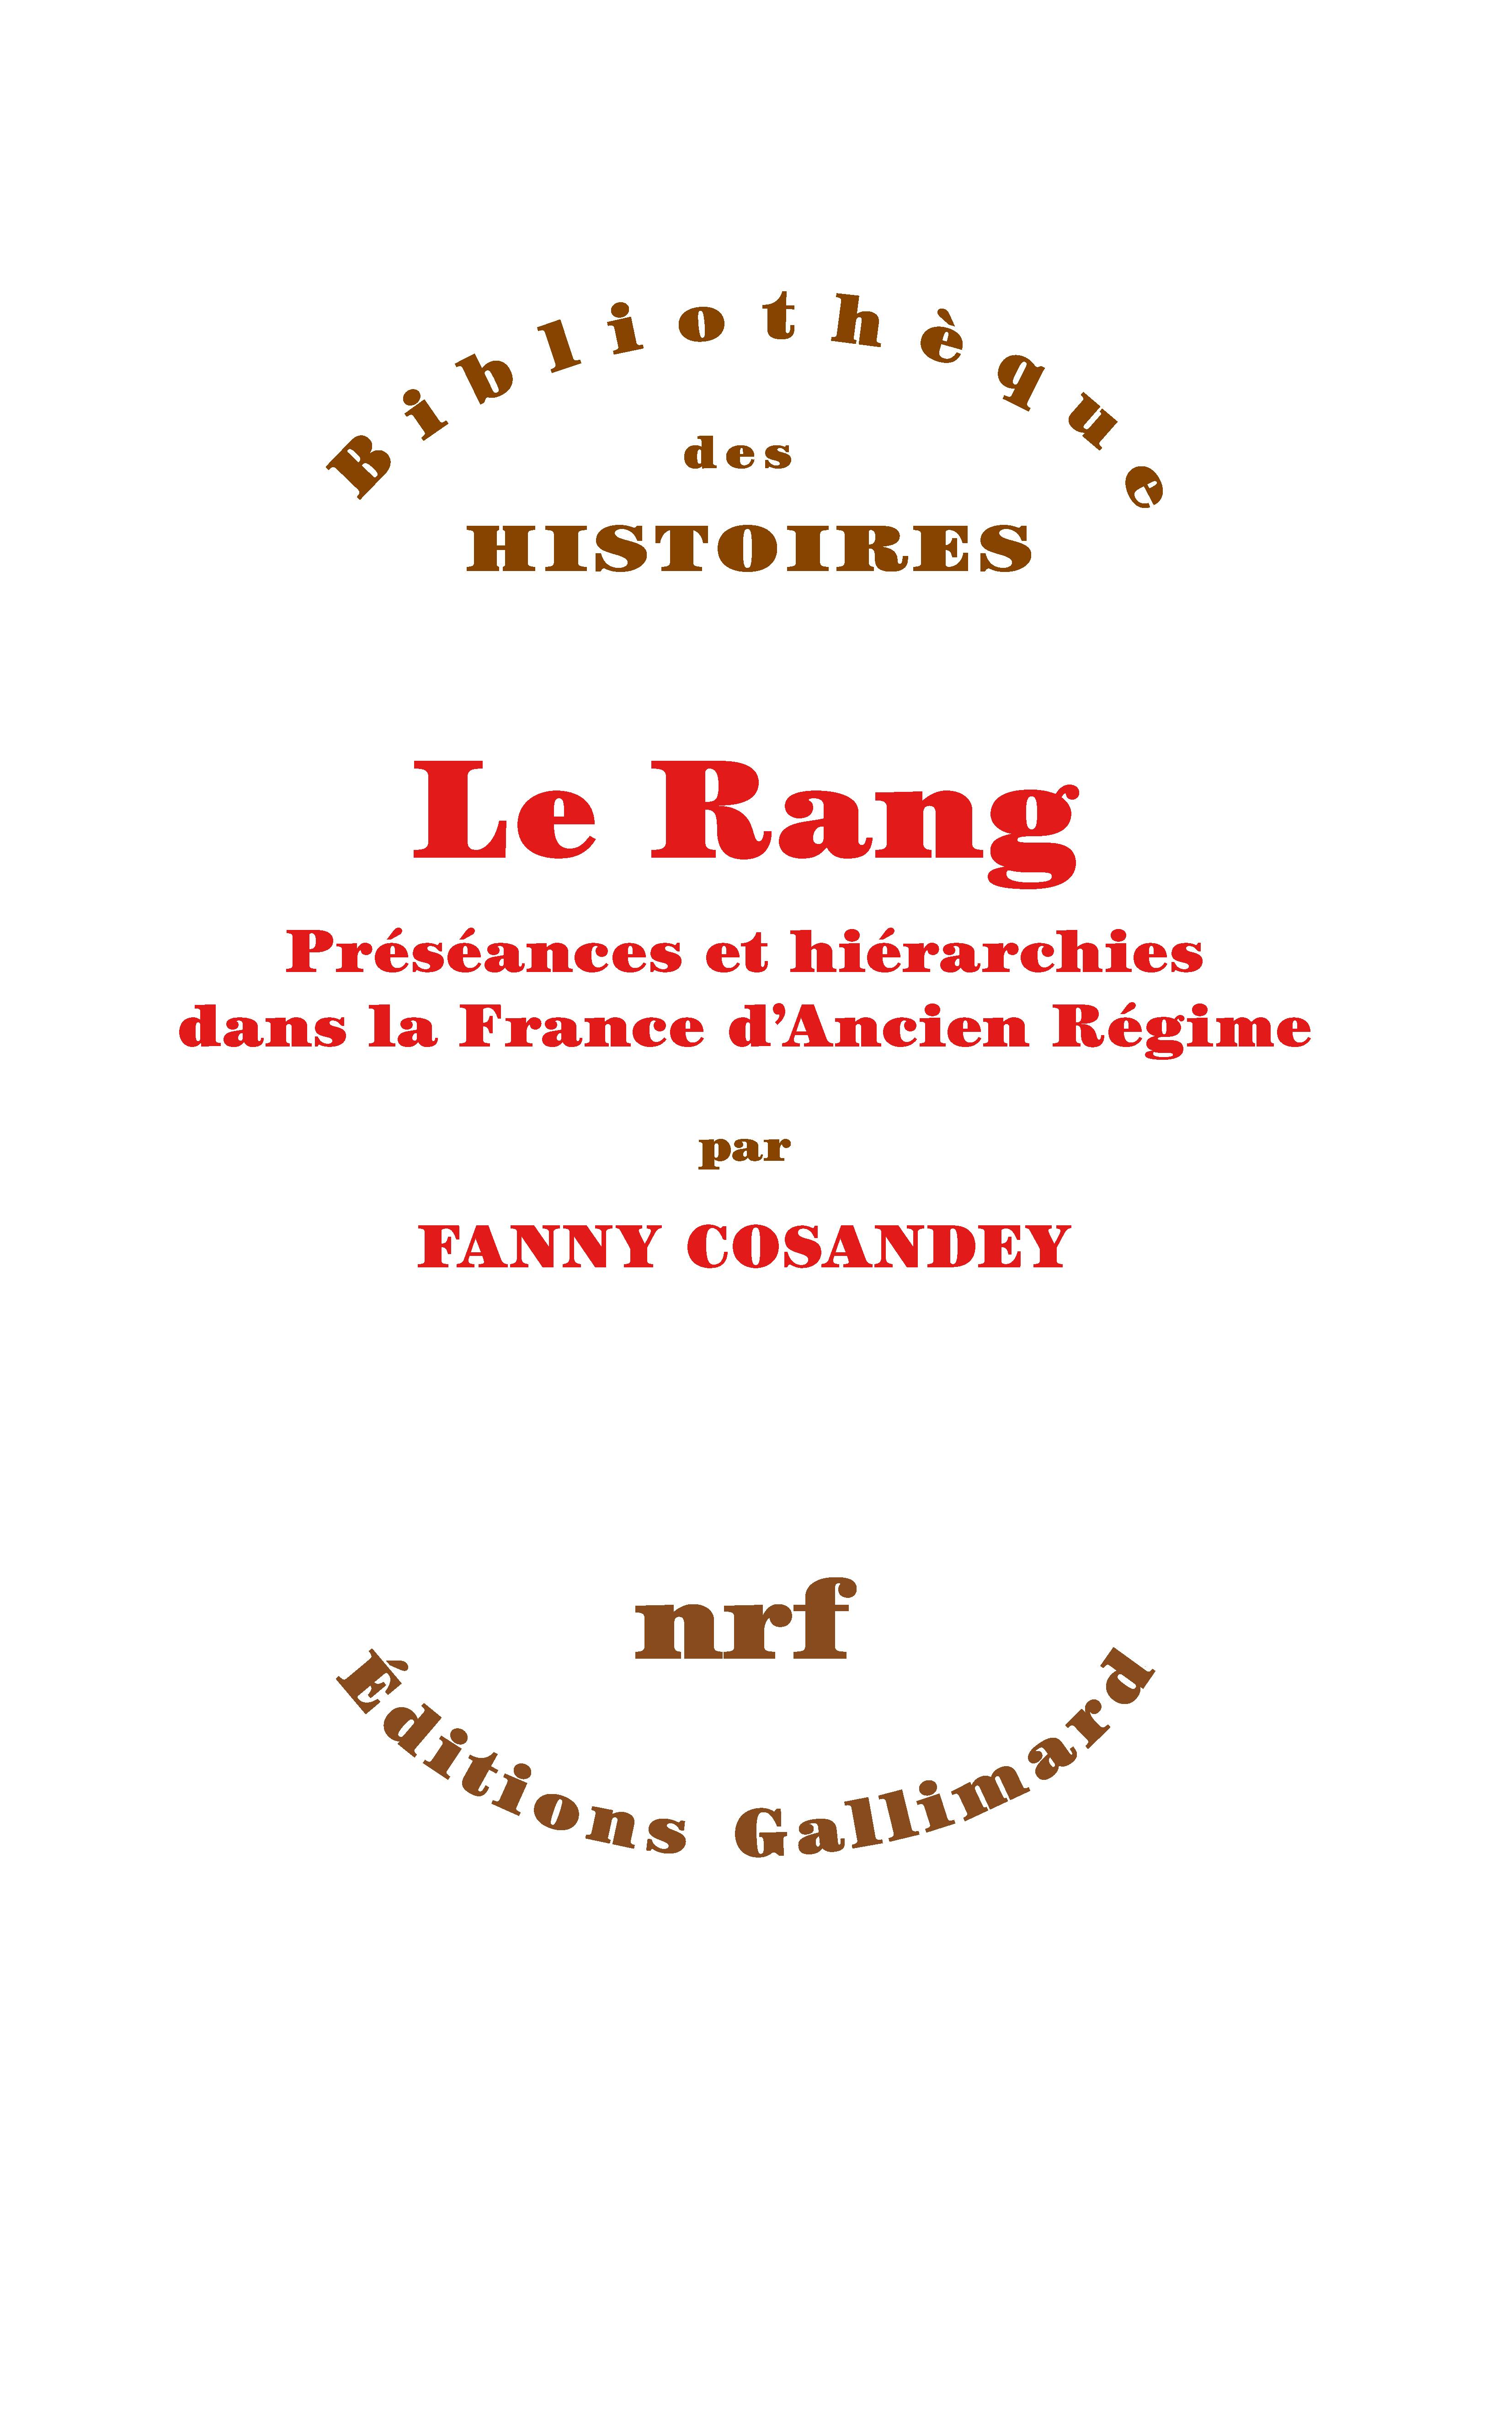 Le Rang. Préséances et hiérarchies dans la France d'Ancien Régime